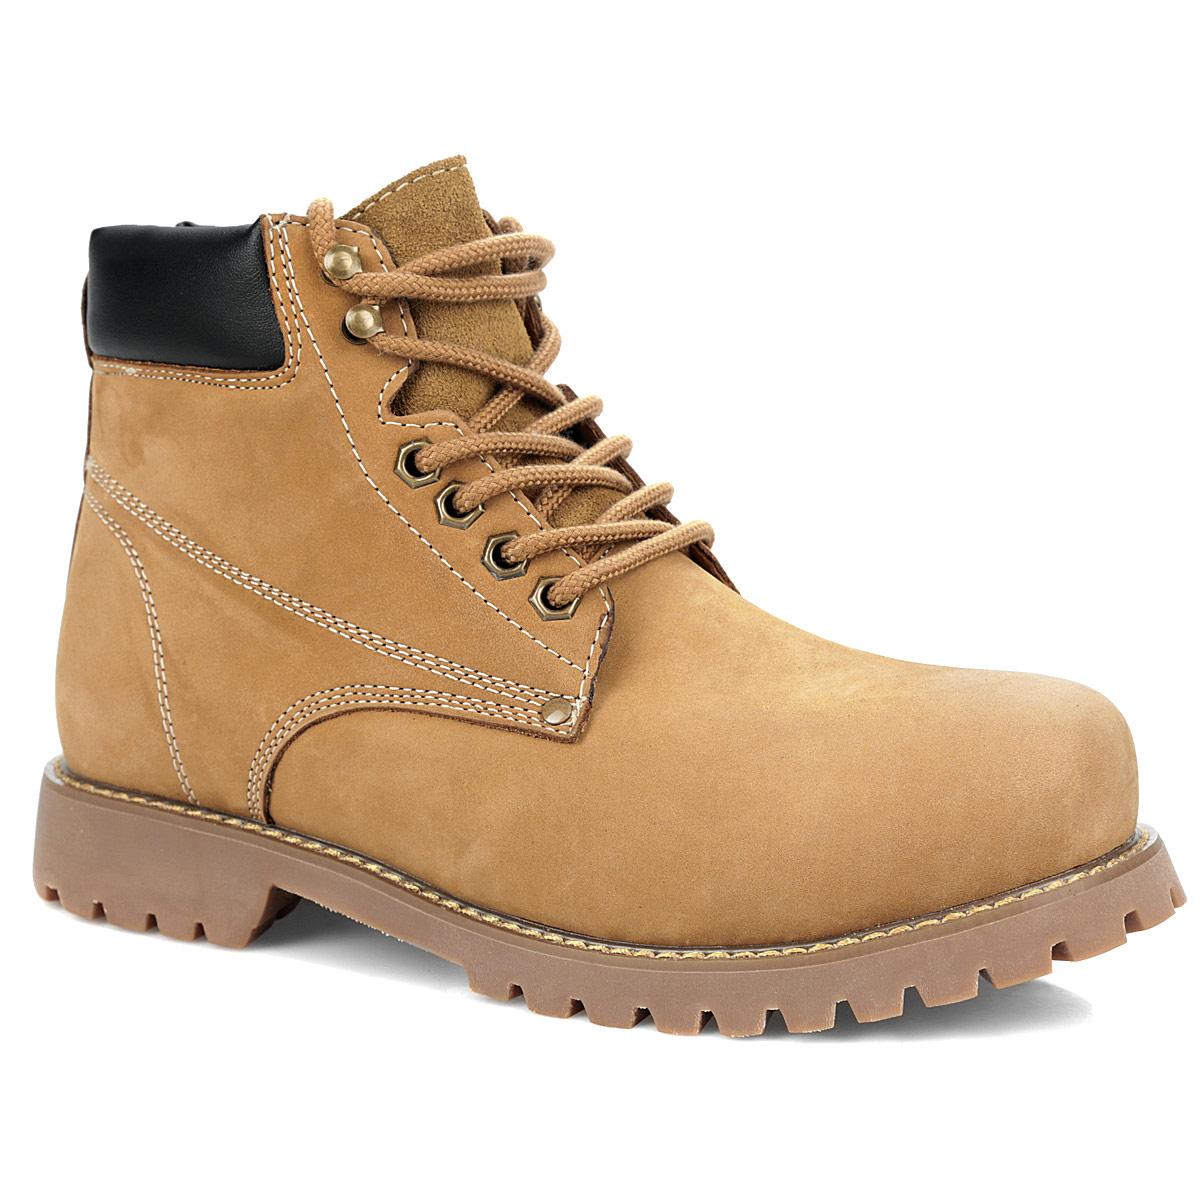 Ботинки мужские. 25SS_GS-CK-08625SS_GS-CK-086Стильные мужские ботинки от Spur - отличный вариант на каждый день. Модель выполнена из натурального нубука со вставкой из натуральной кожи на голенище. Обувь оформлена крупной прострочкой вдоль ранта, задним наружным ремнем. Шнуровка прочно зафиксирует обувь. Ярлычок на заднике облегчает надевание обуви. Подкладка и стелька из шерсти подарят вашим ногам тепло и уют. Каблук и подошва с протектором гарантируют идеальное сцепление с любыми поверхностями. В таких ботинках вашим ногам будет комфортно и уютно. Они подчеркнут ваш стиль и индивидуальность.